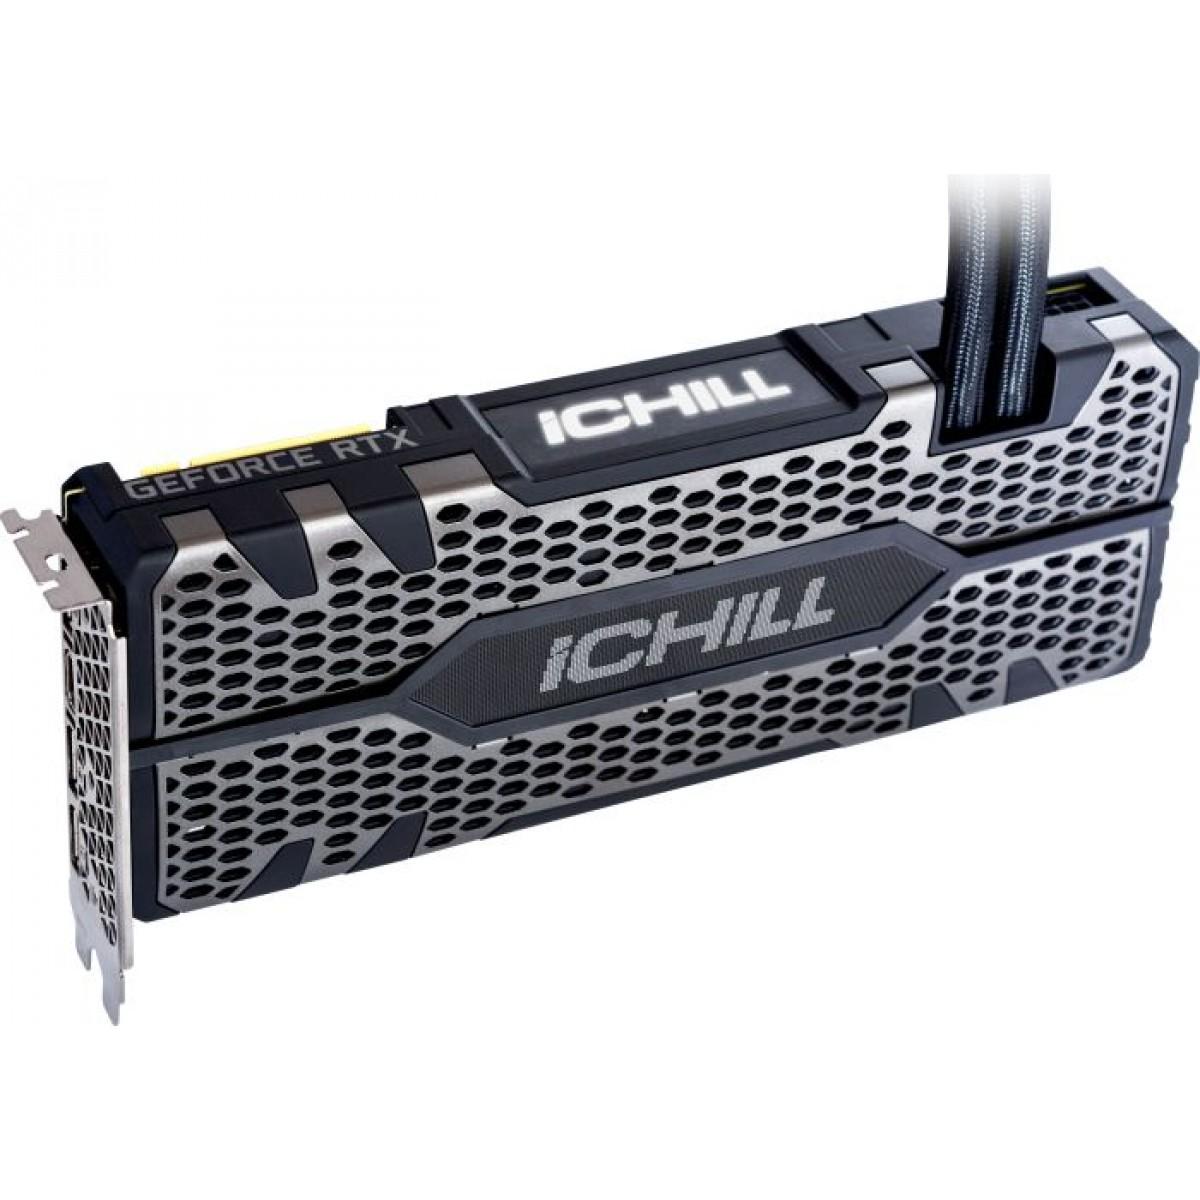 Placa de Vídeo Inno3D GeForce RTX 2070 Super iChill Black, 8GB GDDR6, 256Bit